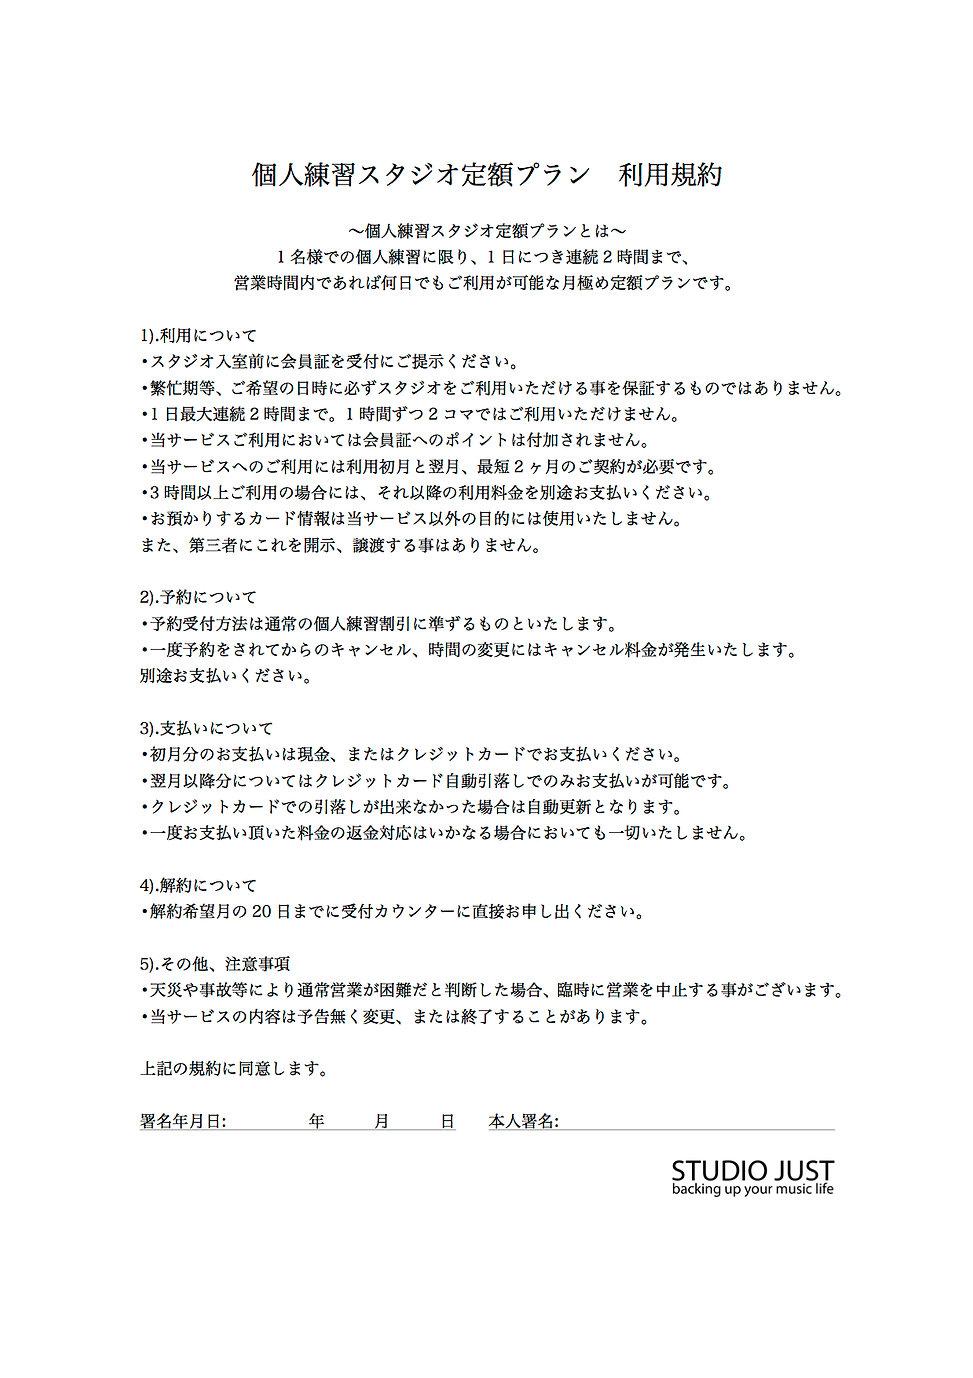 スタジオ定額プラン利用規約.jpg